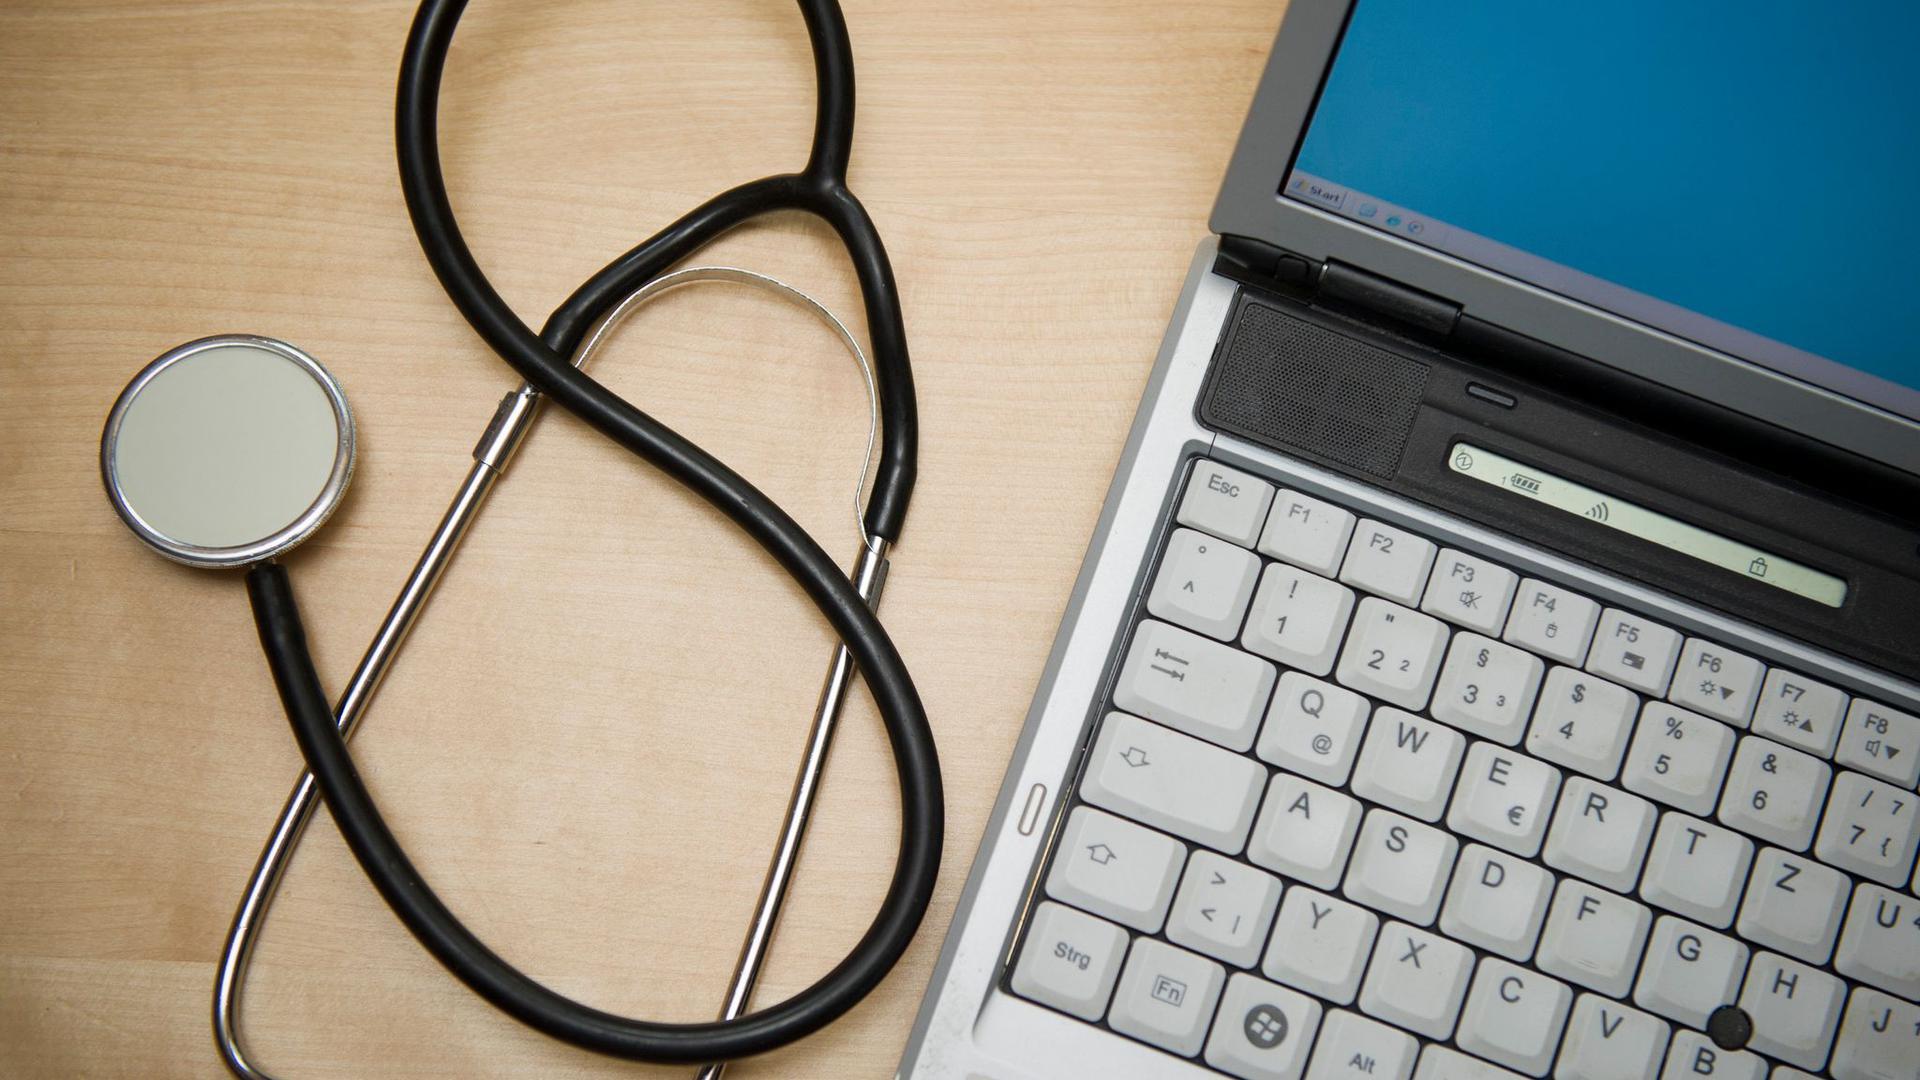 Nach jahrelangem Gezerre soll die E-Akte nach Plänen von Gesundheitsminister Spahn die Digitalisierung deutlich voranbringen.